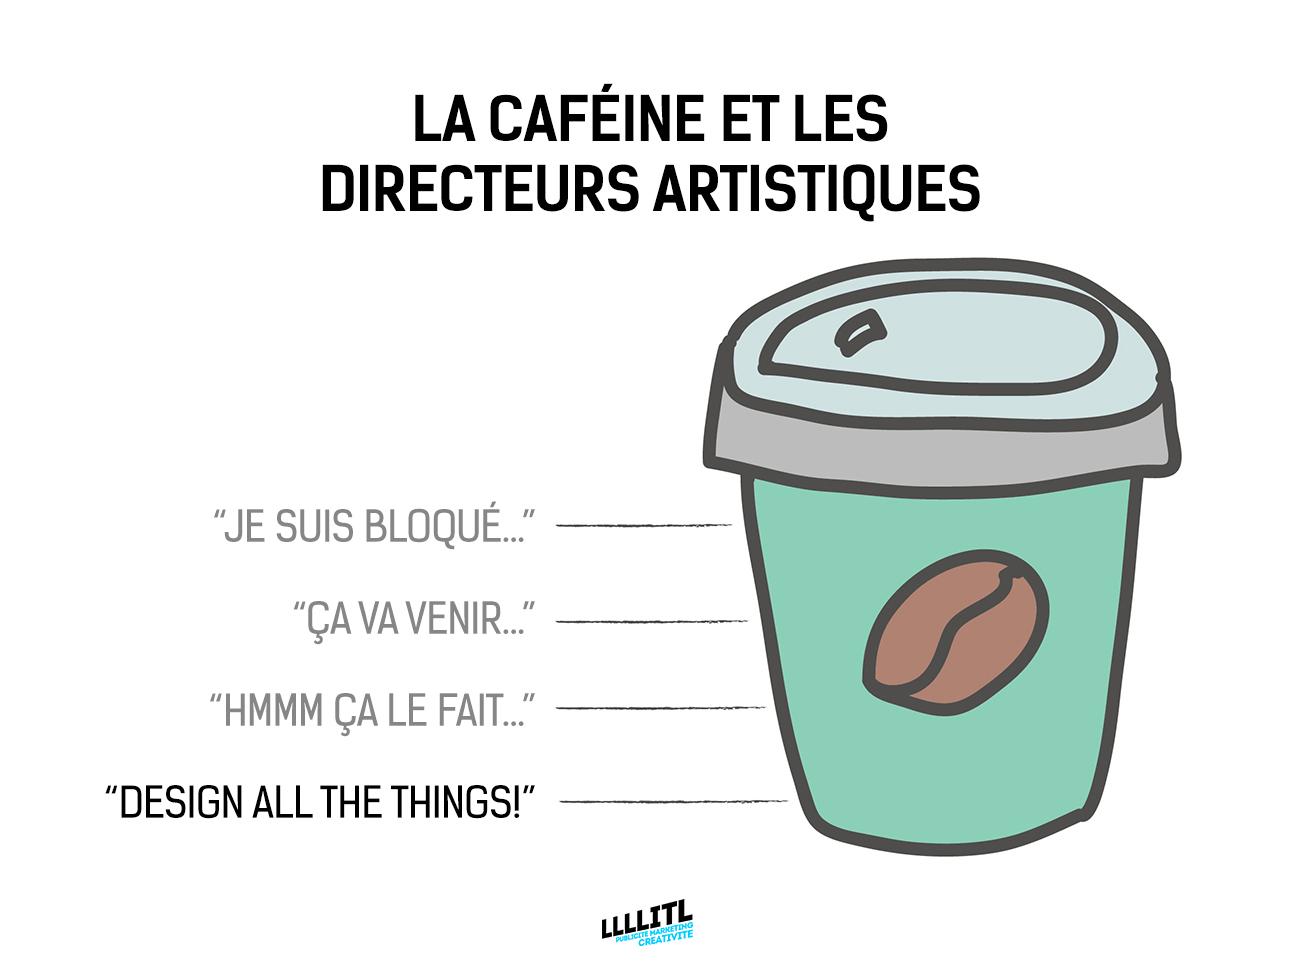 directeur-artistique-graphiste-creatif-caricature-problemes-graphiques-agence-publicite-5